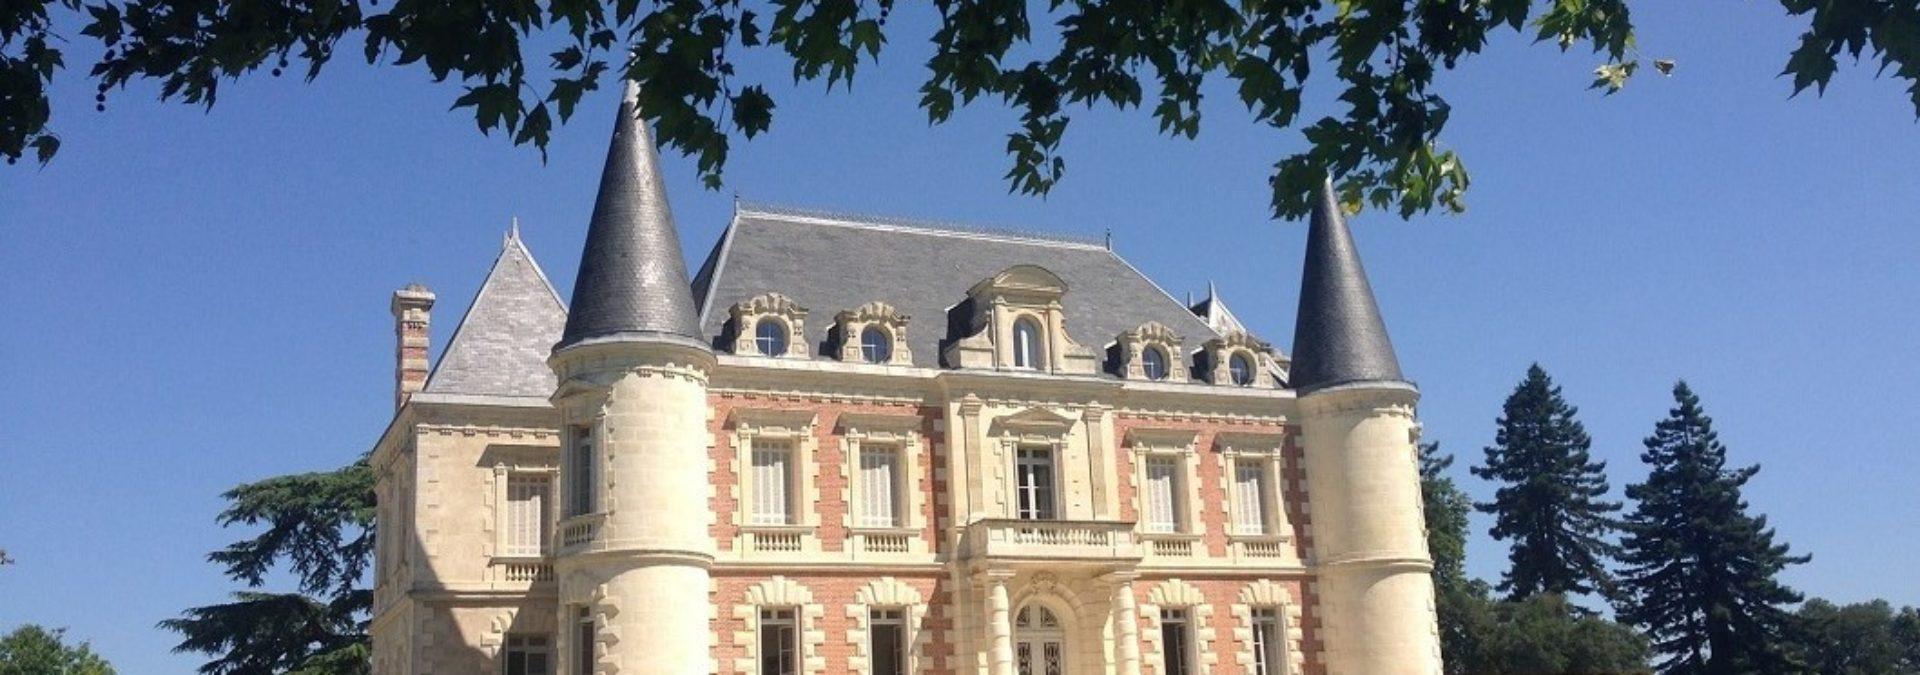 Rendez vous au Château